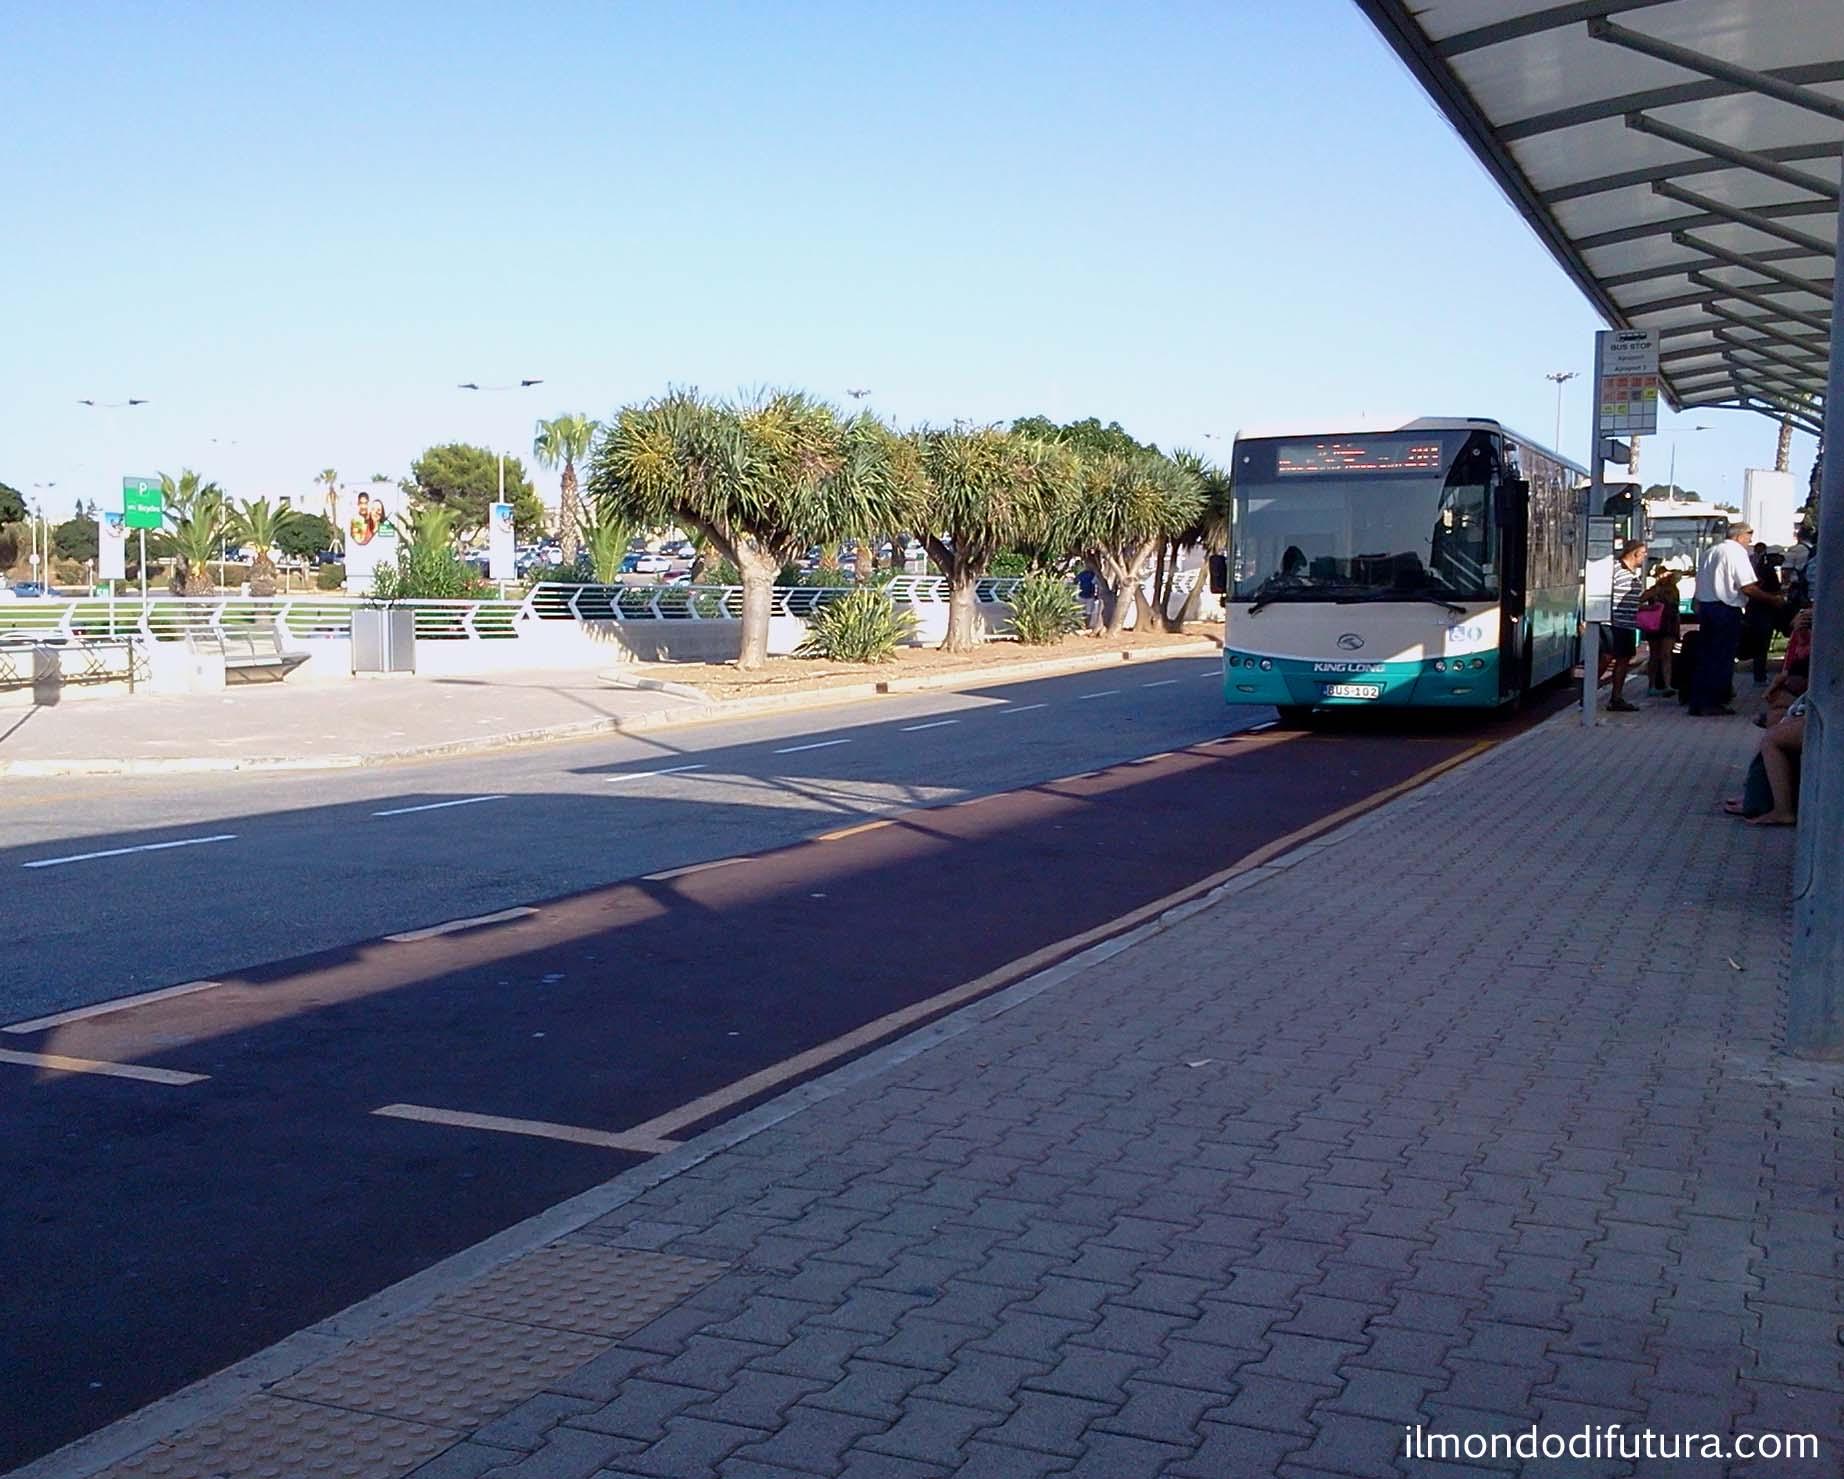 Visitare Malta con i mezzi pubblici? Ecco perché non lo consiglio.